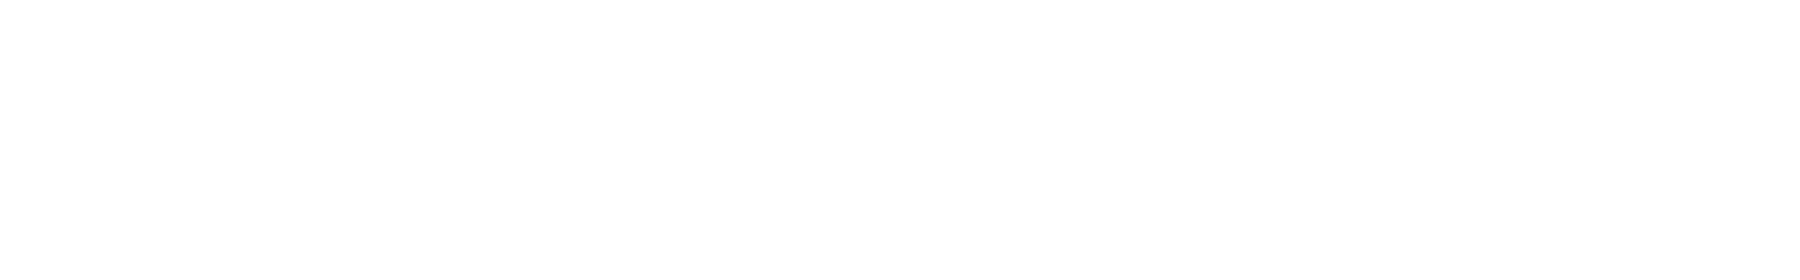 blbc cinedrums a fx 75 01